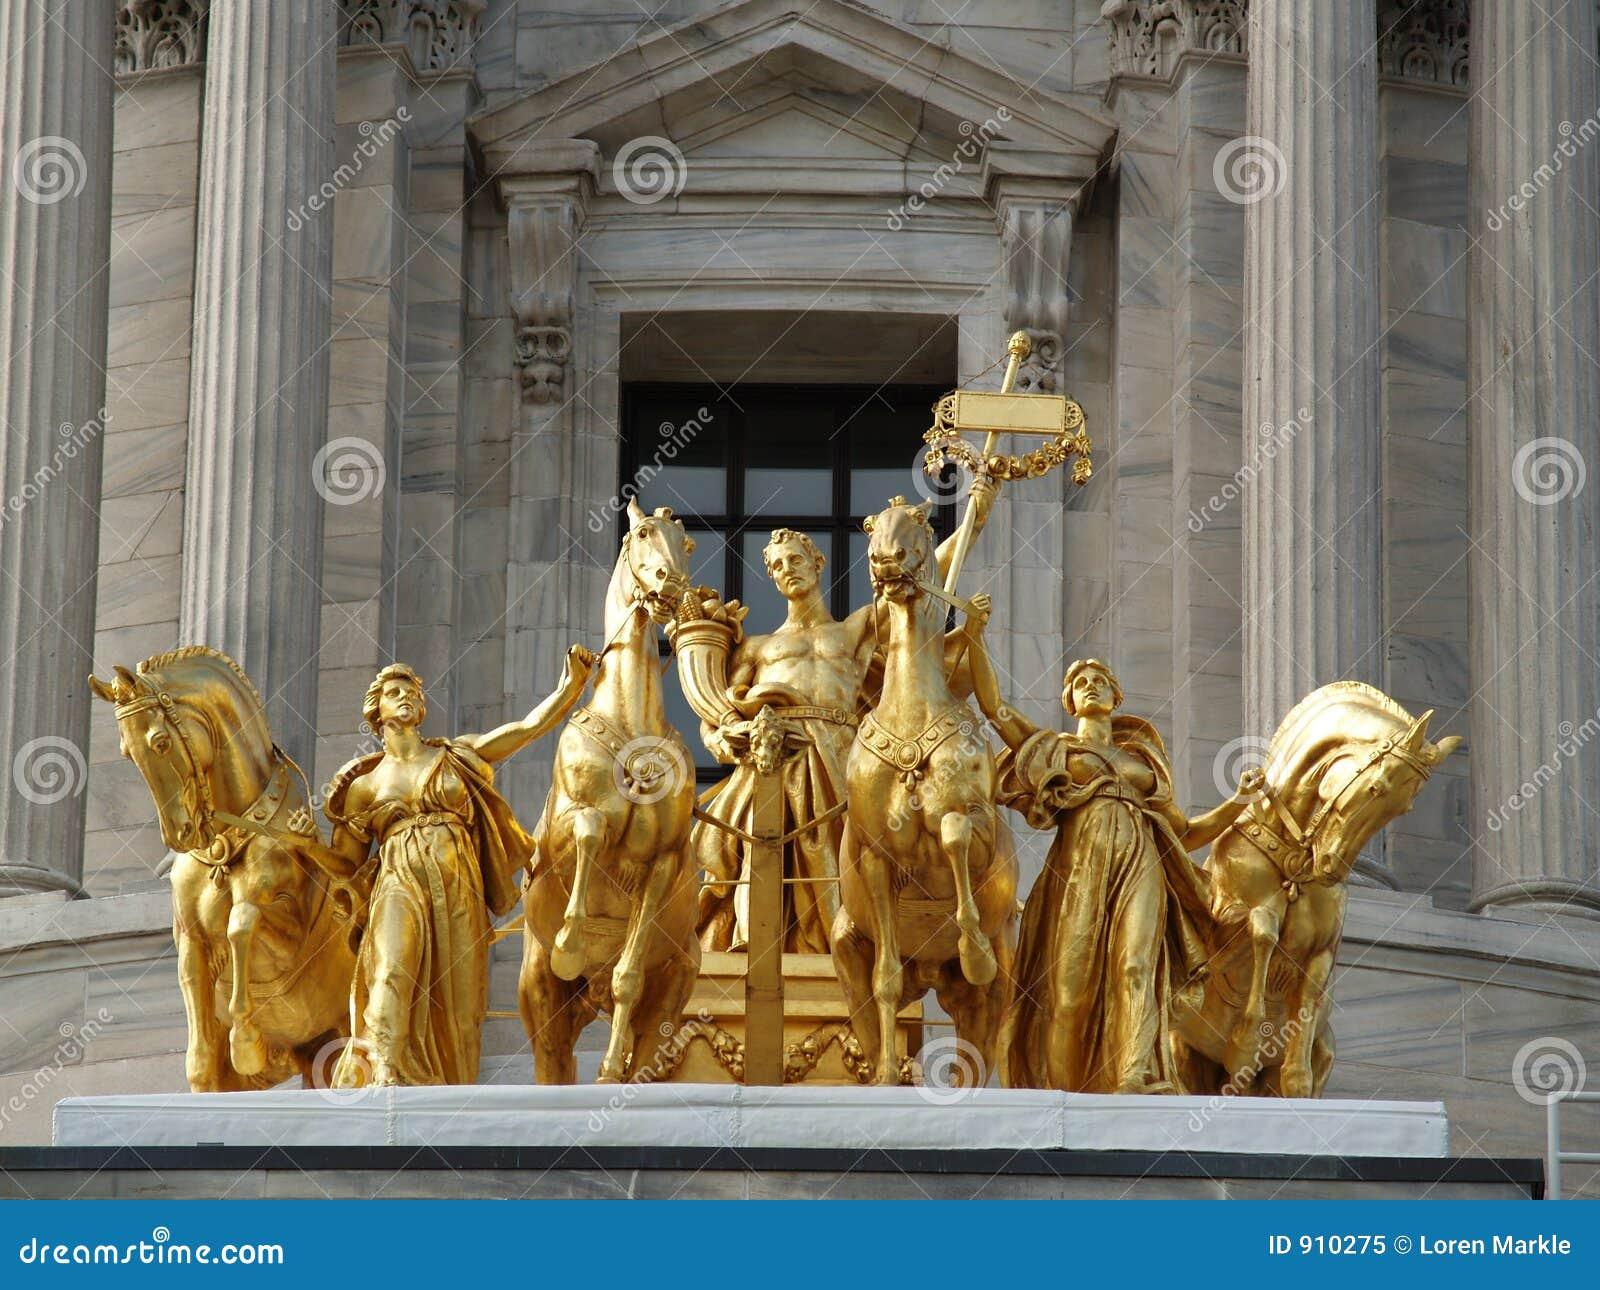 Golden mythological statue royalty free stock photo